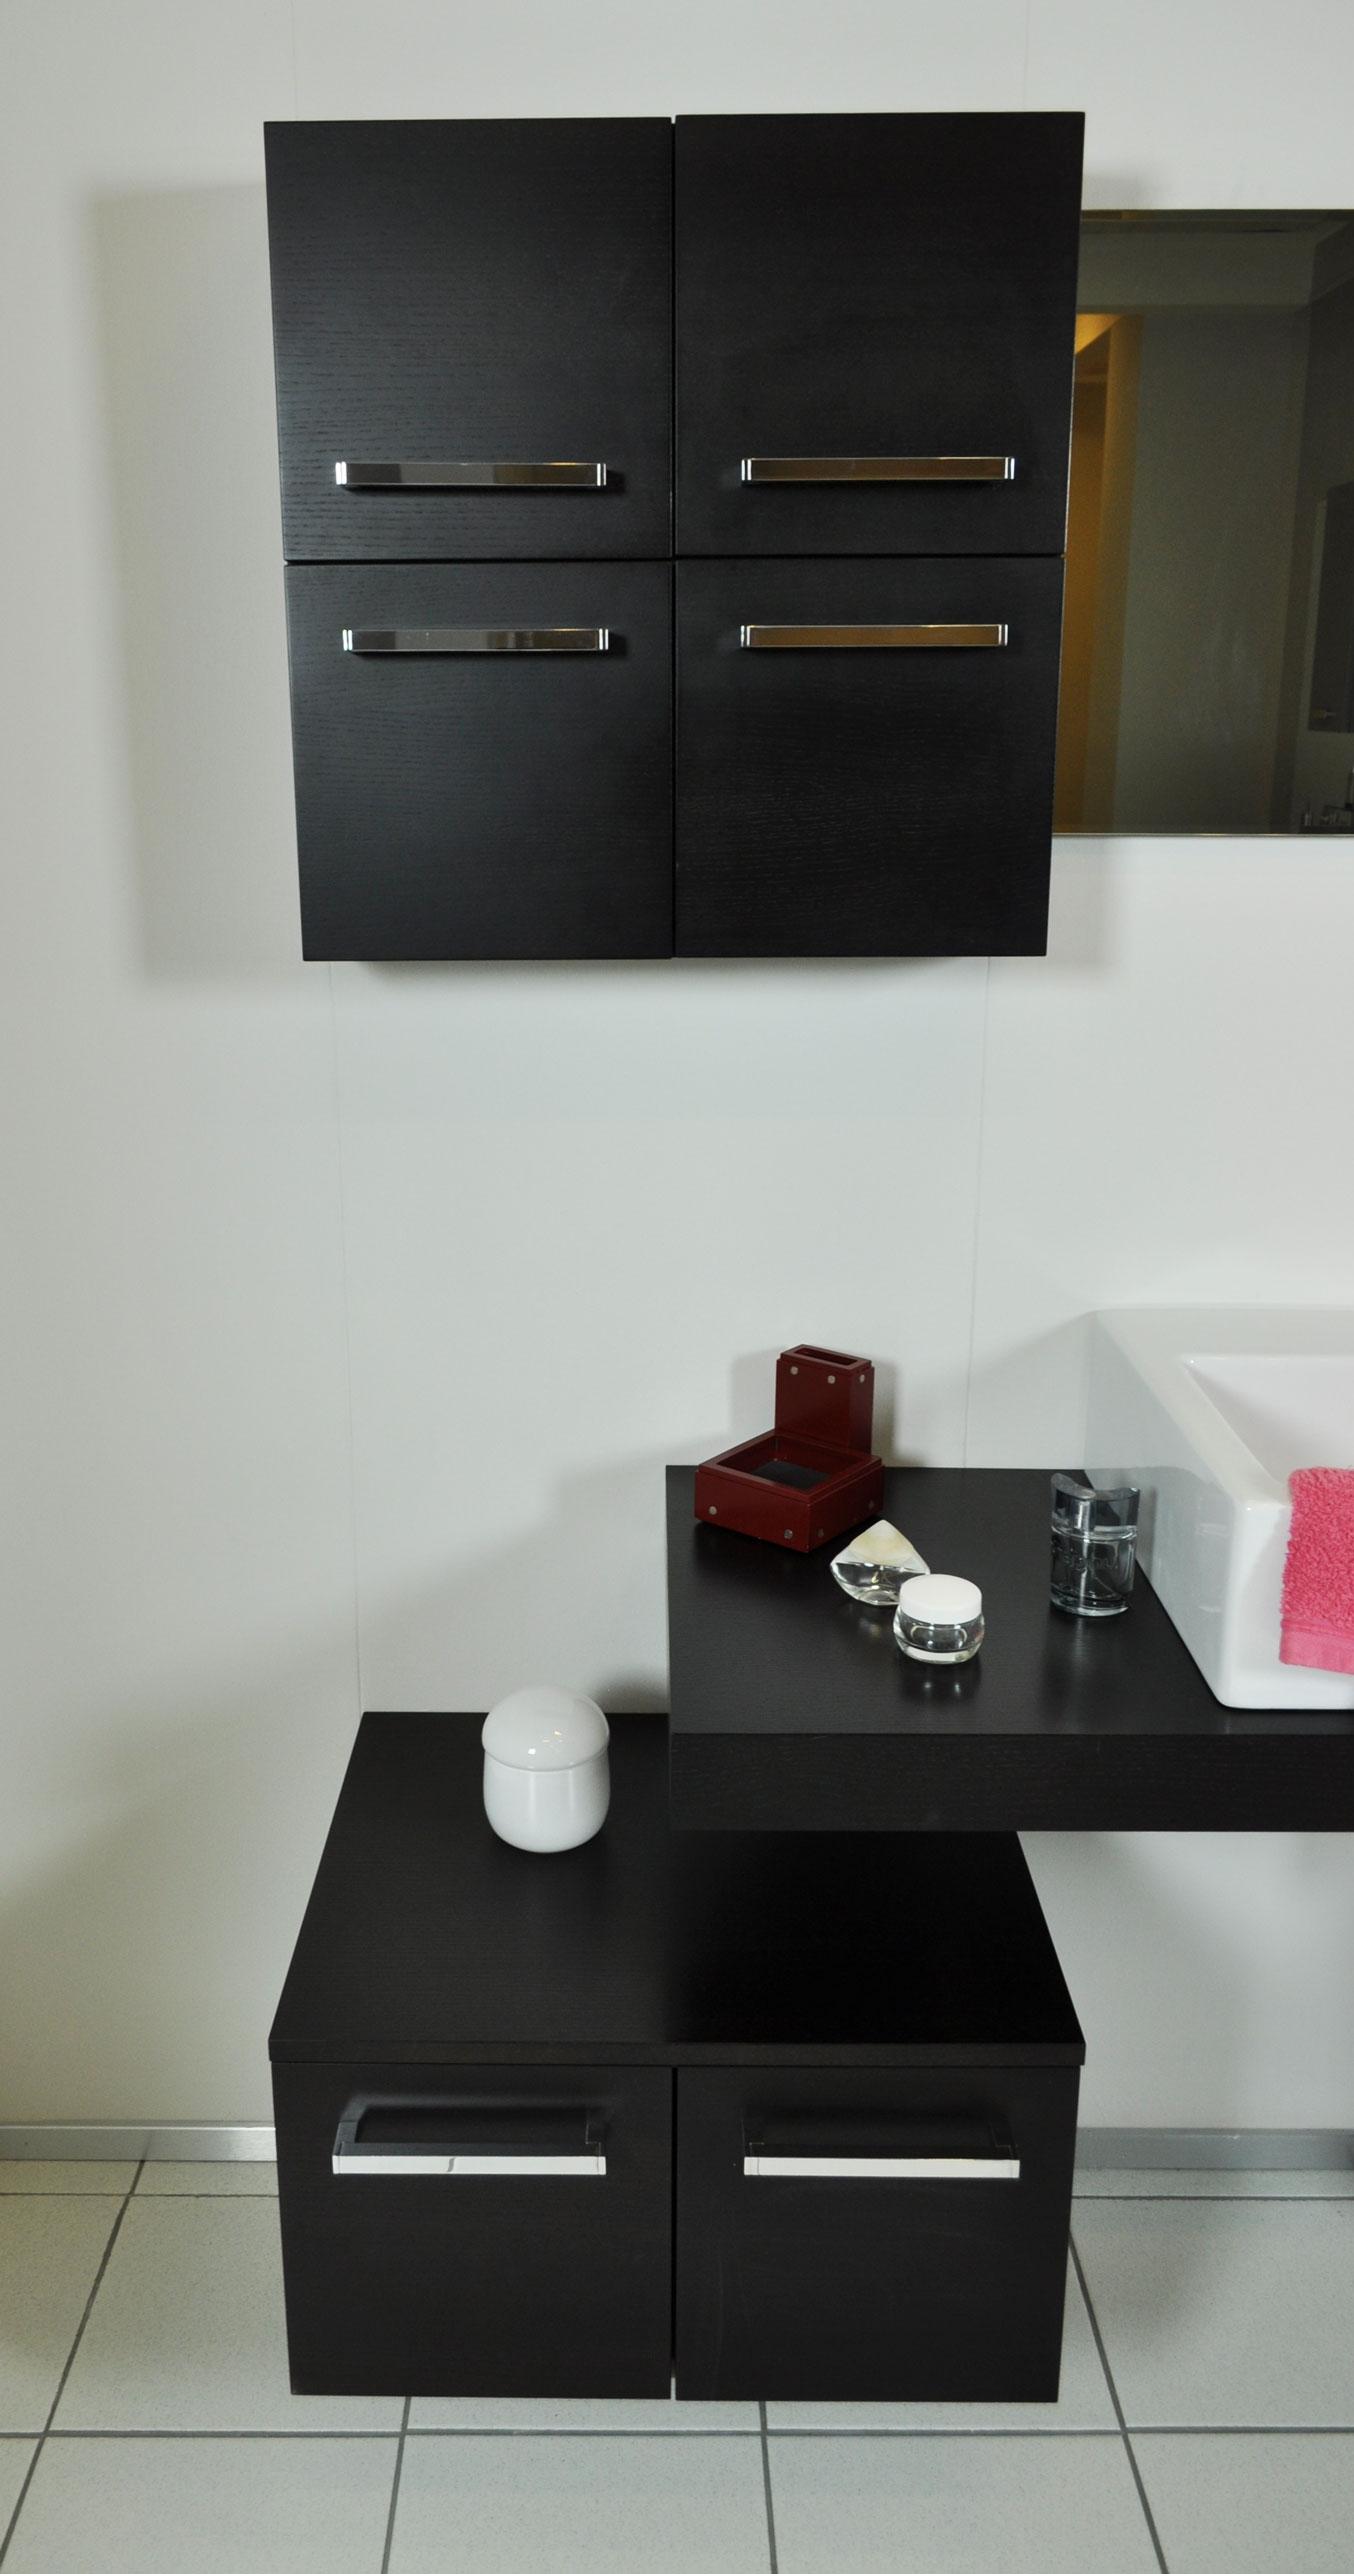 Novabagno mobile da bagno con lavabo soprapiano scontato for Prezzi lavabo bagno con mobile